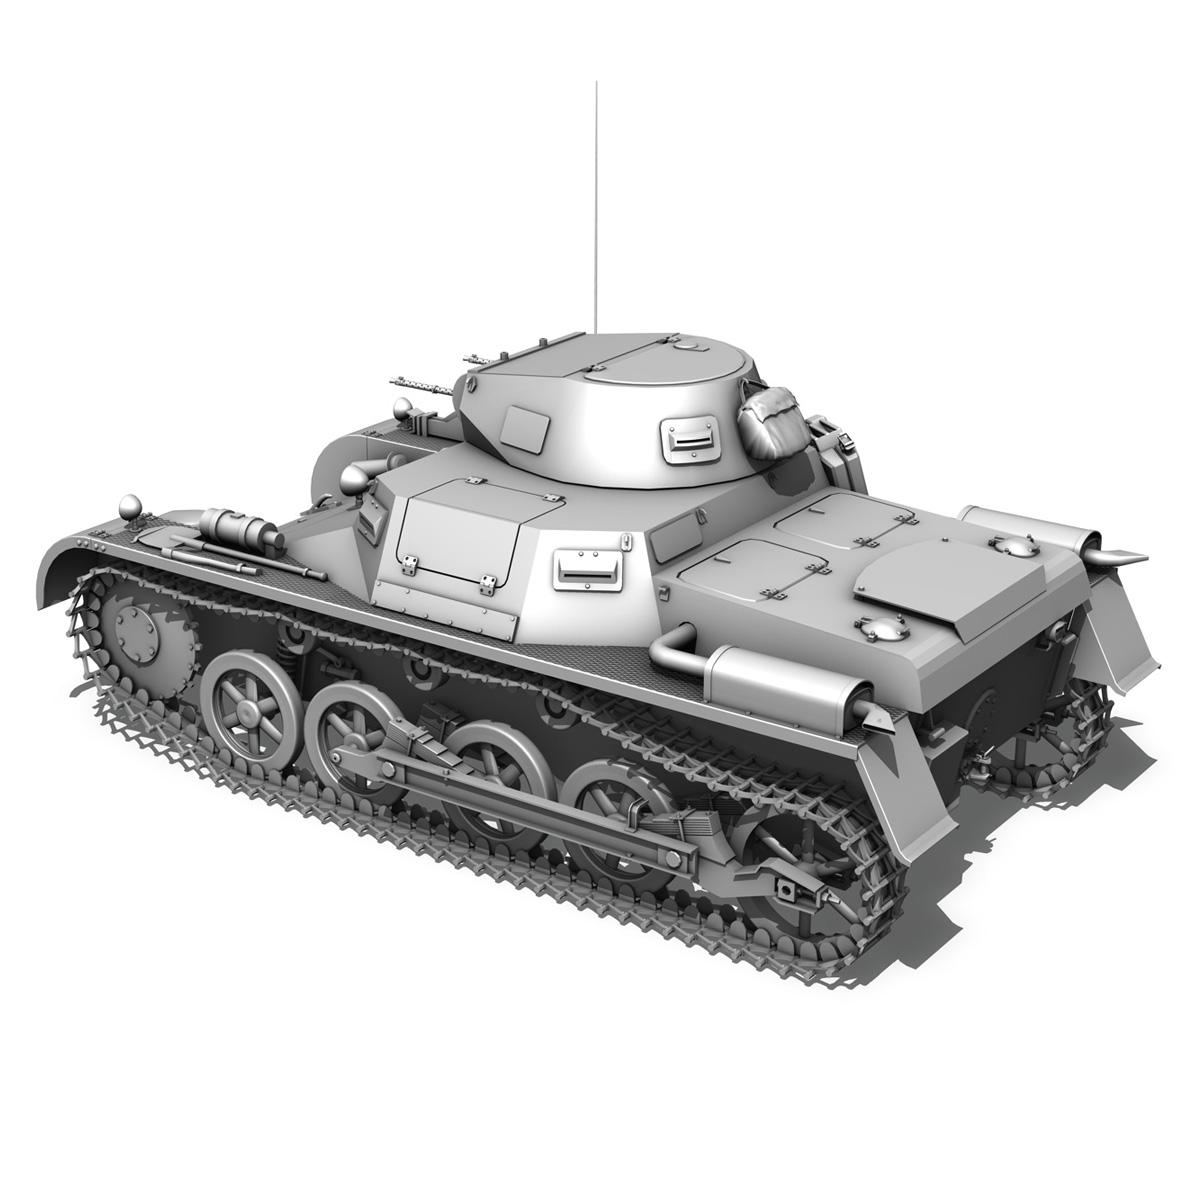 sd.kfz 101 pzkpfw 1 ausfuehrung a 3d model 3ds fbx c4d lwo obj 188868